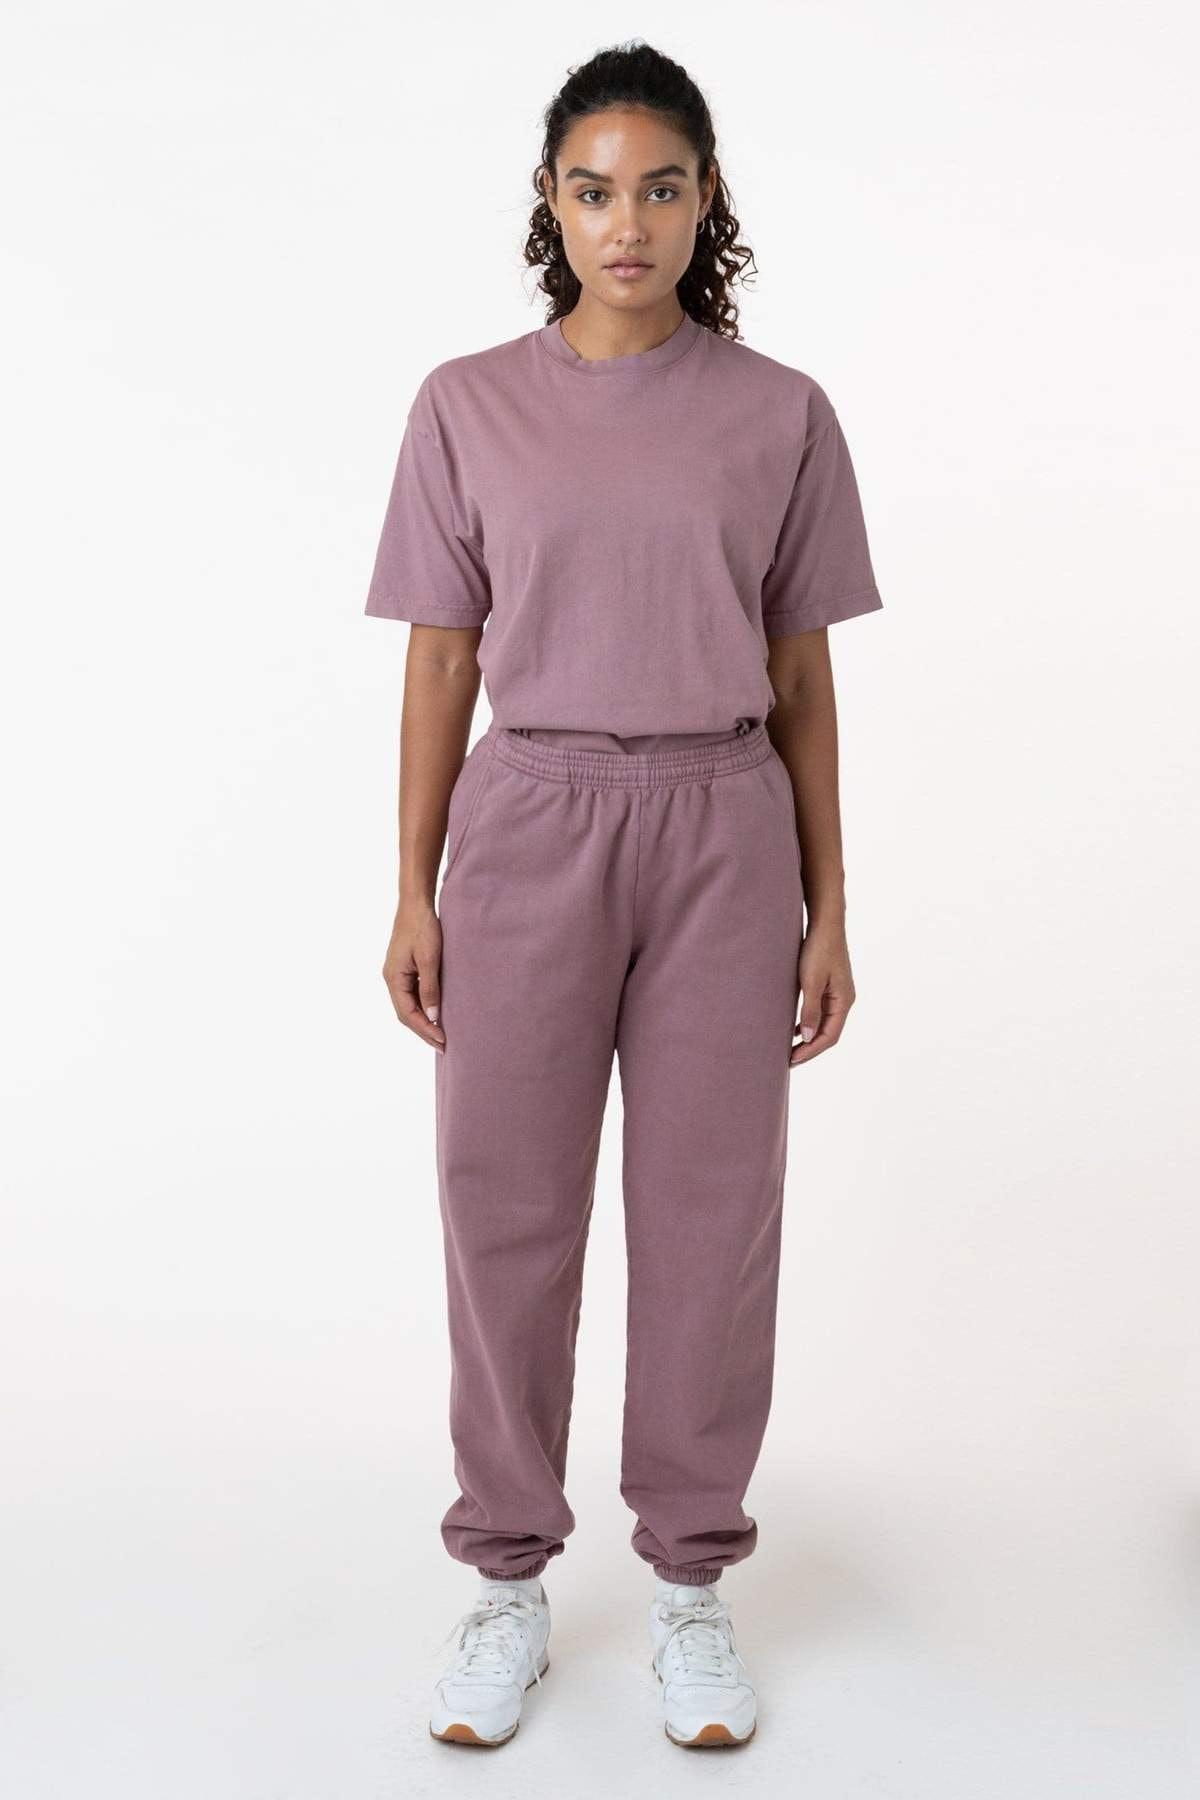 Los Angeles Apparel Garment Dye Heavy Fleece Sweatpant